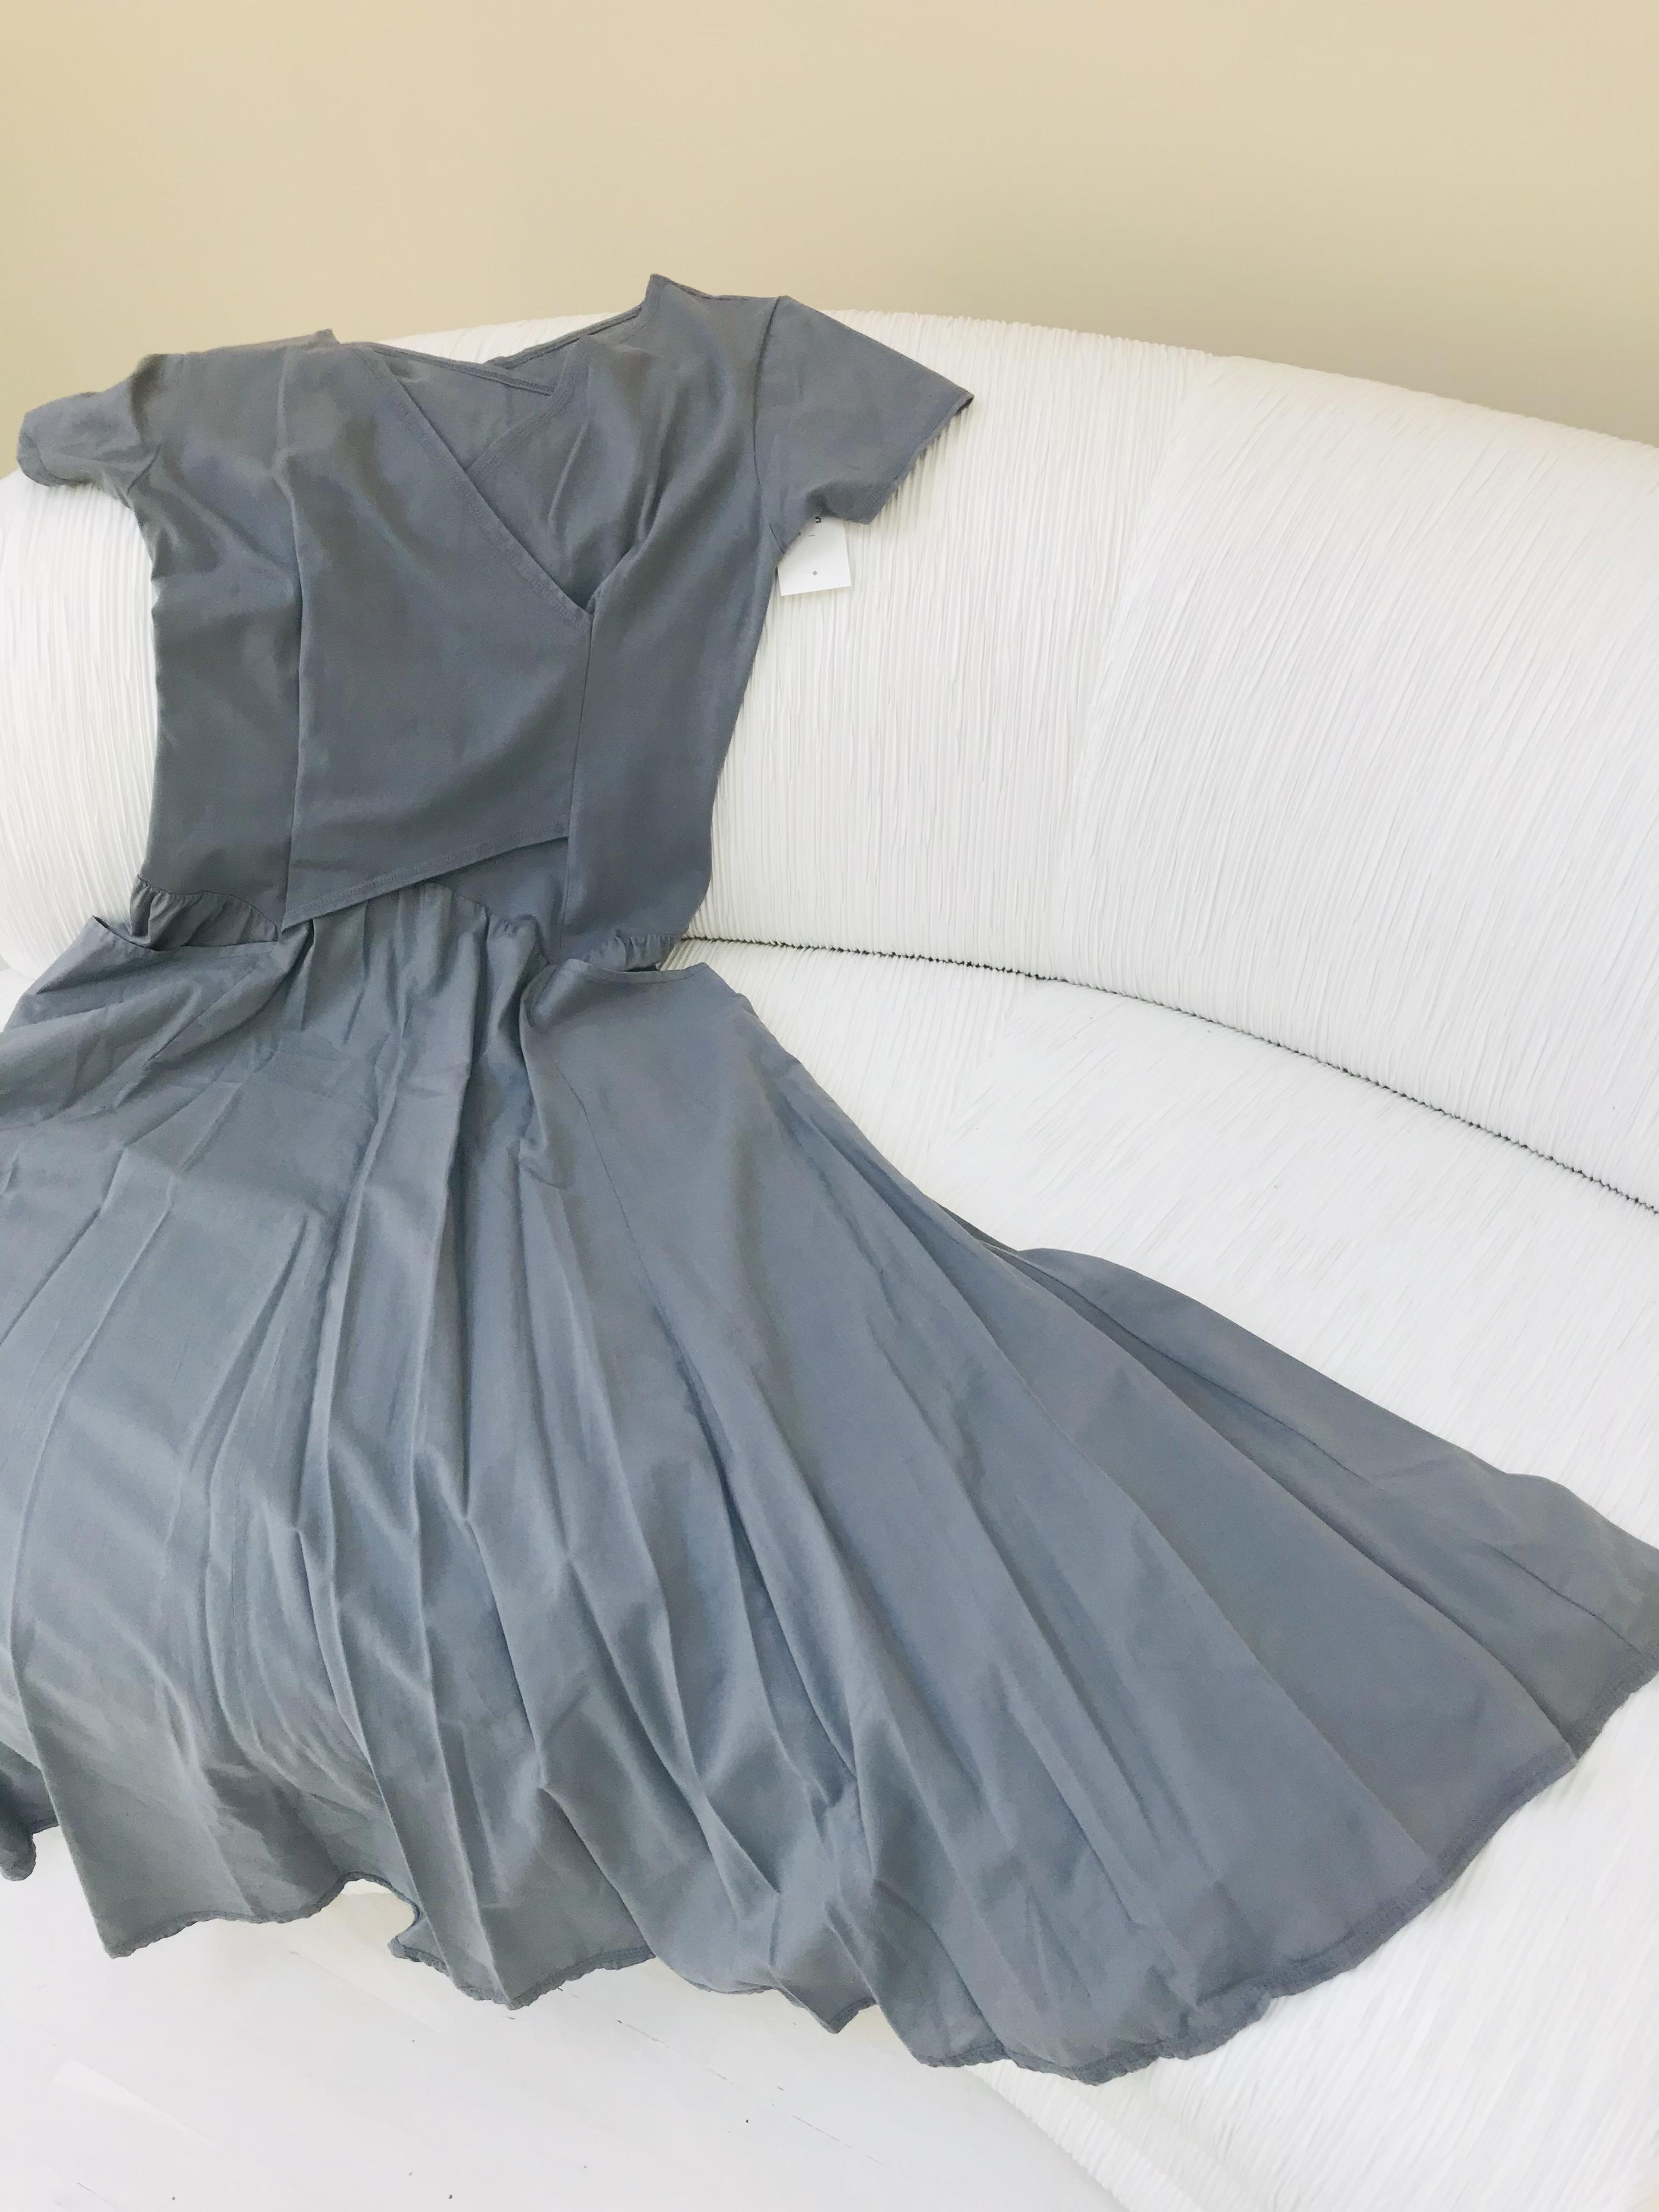 Luna Luz: Short Sleeve Cross Over Bodice Long Dress (Ships Immed in Slate, 1 Left!)